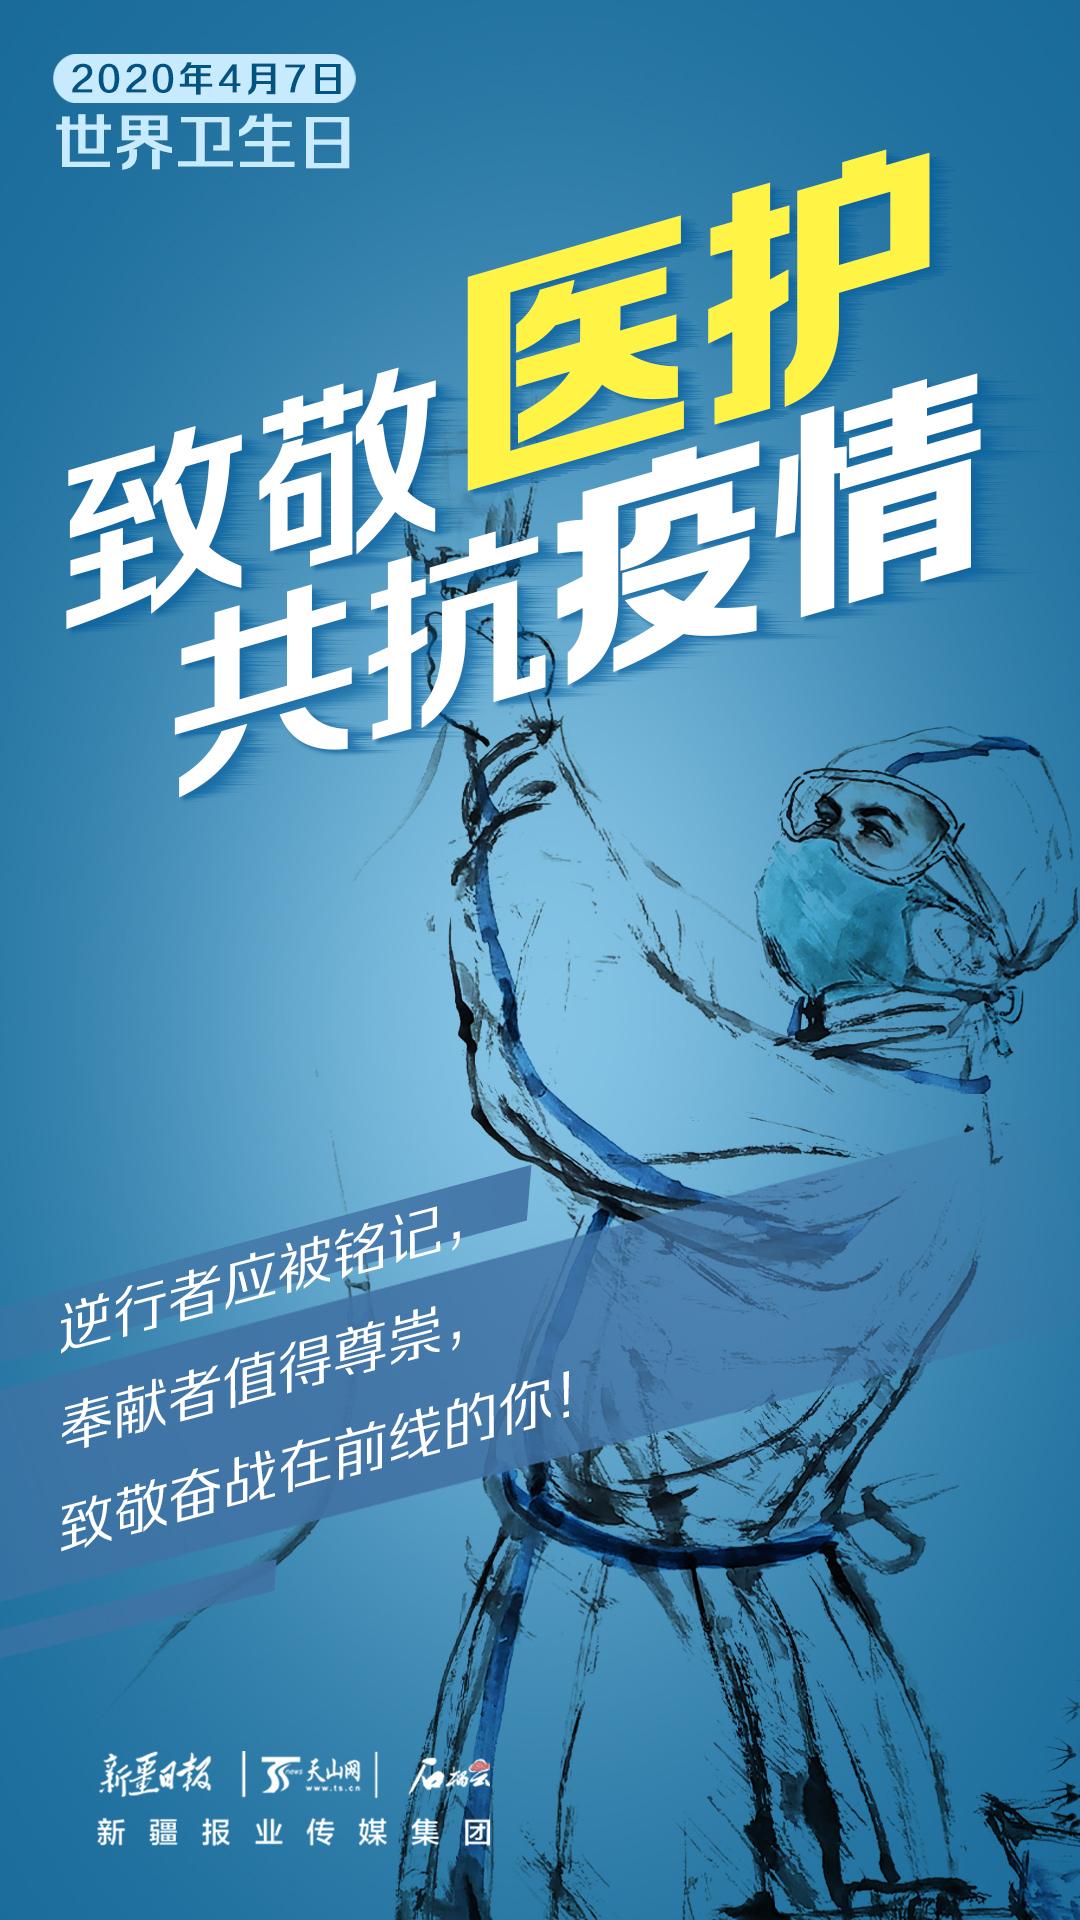 海报丨致敬医护 共抗疫情